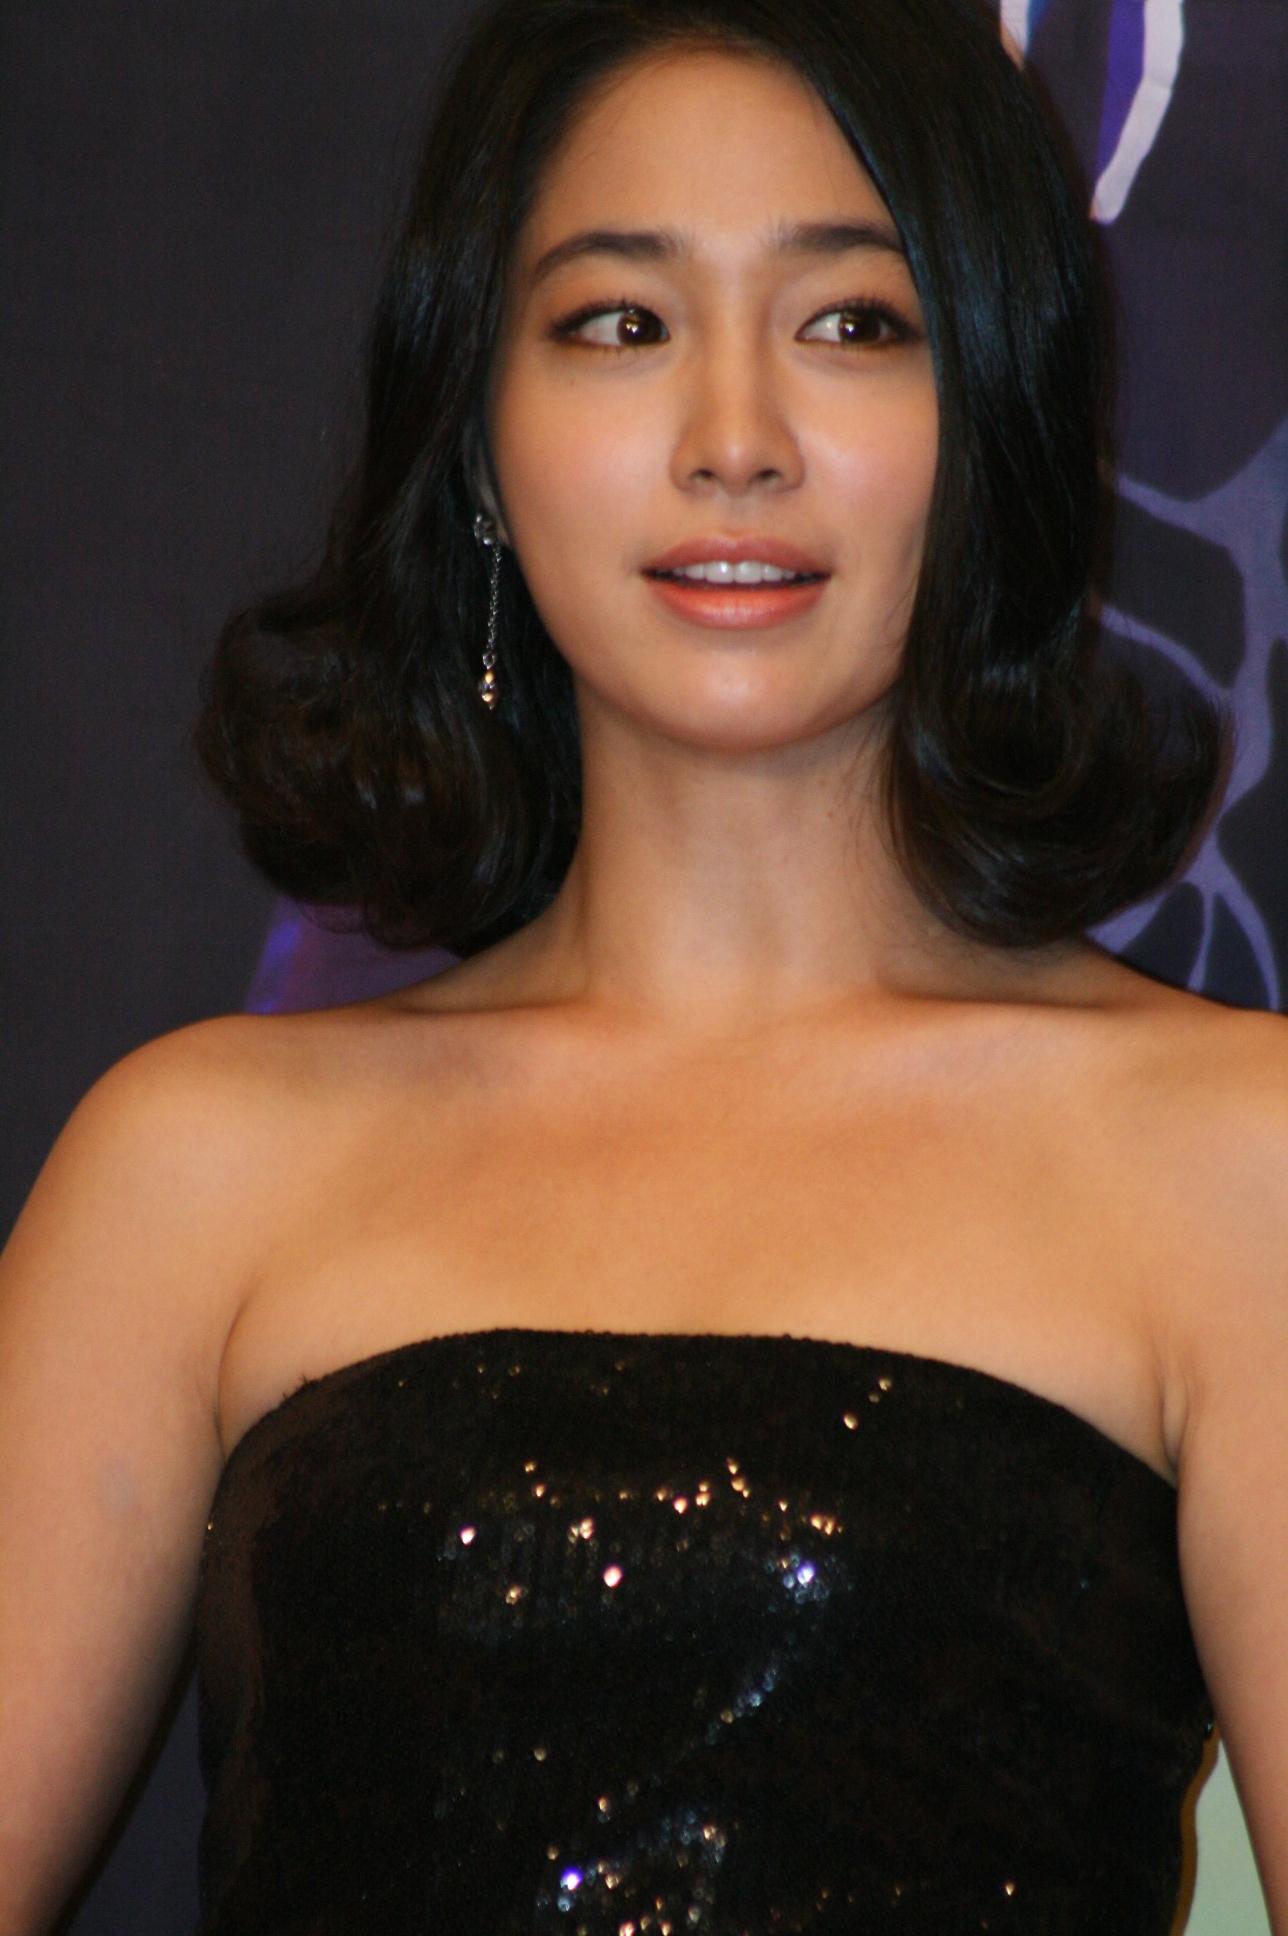 Lee Min-jung : min-jung, Min-jung, Wikipedia